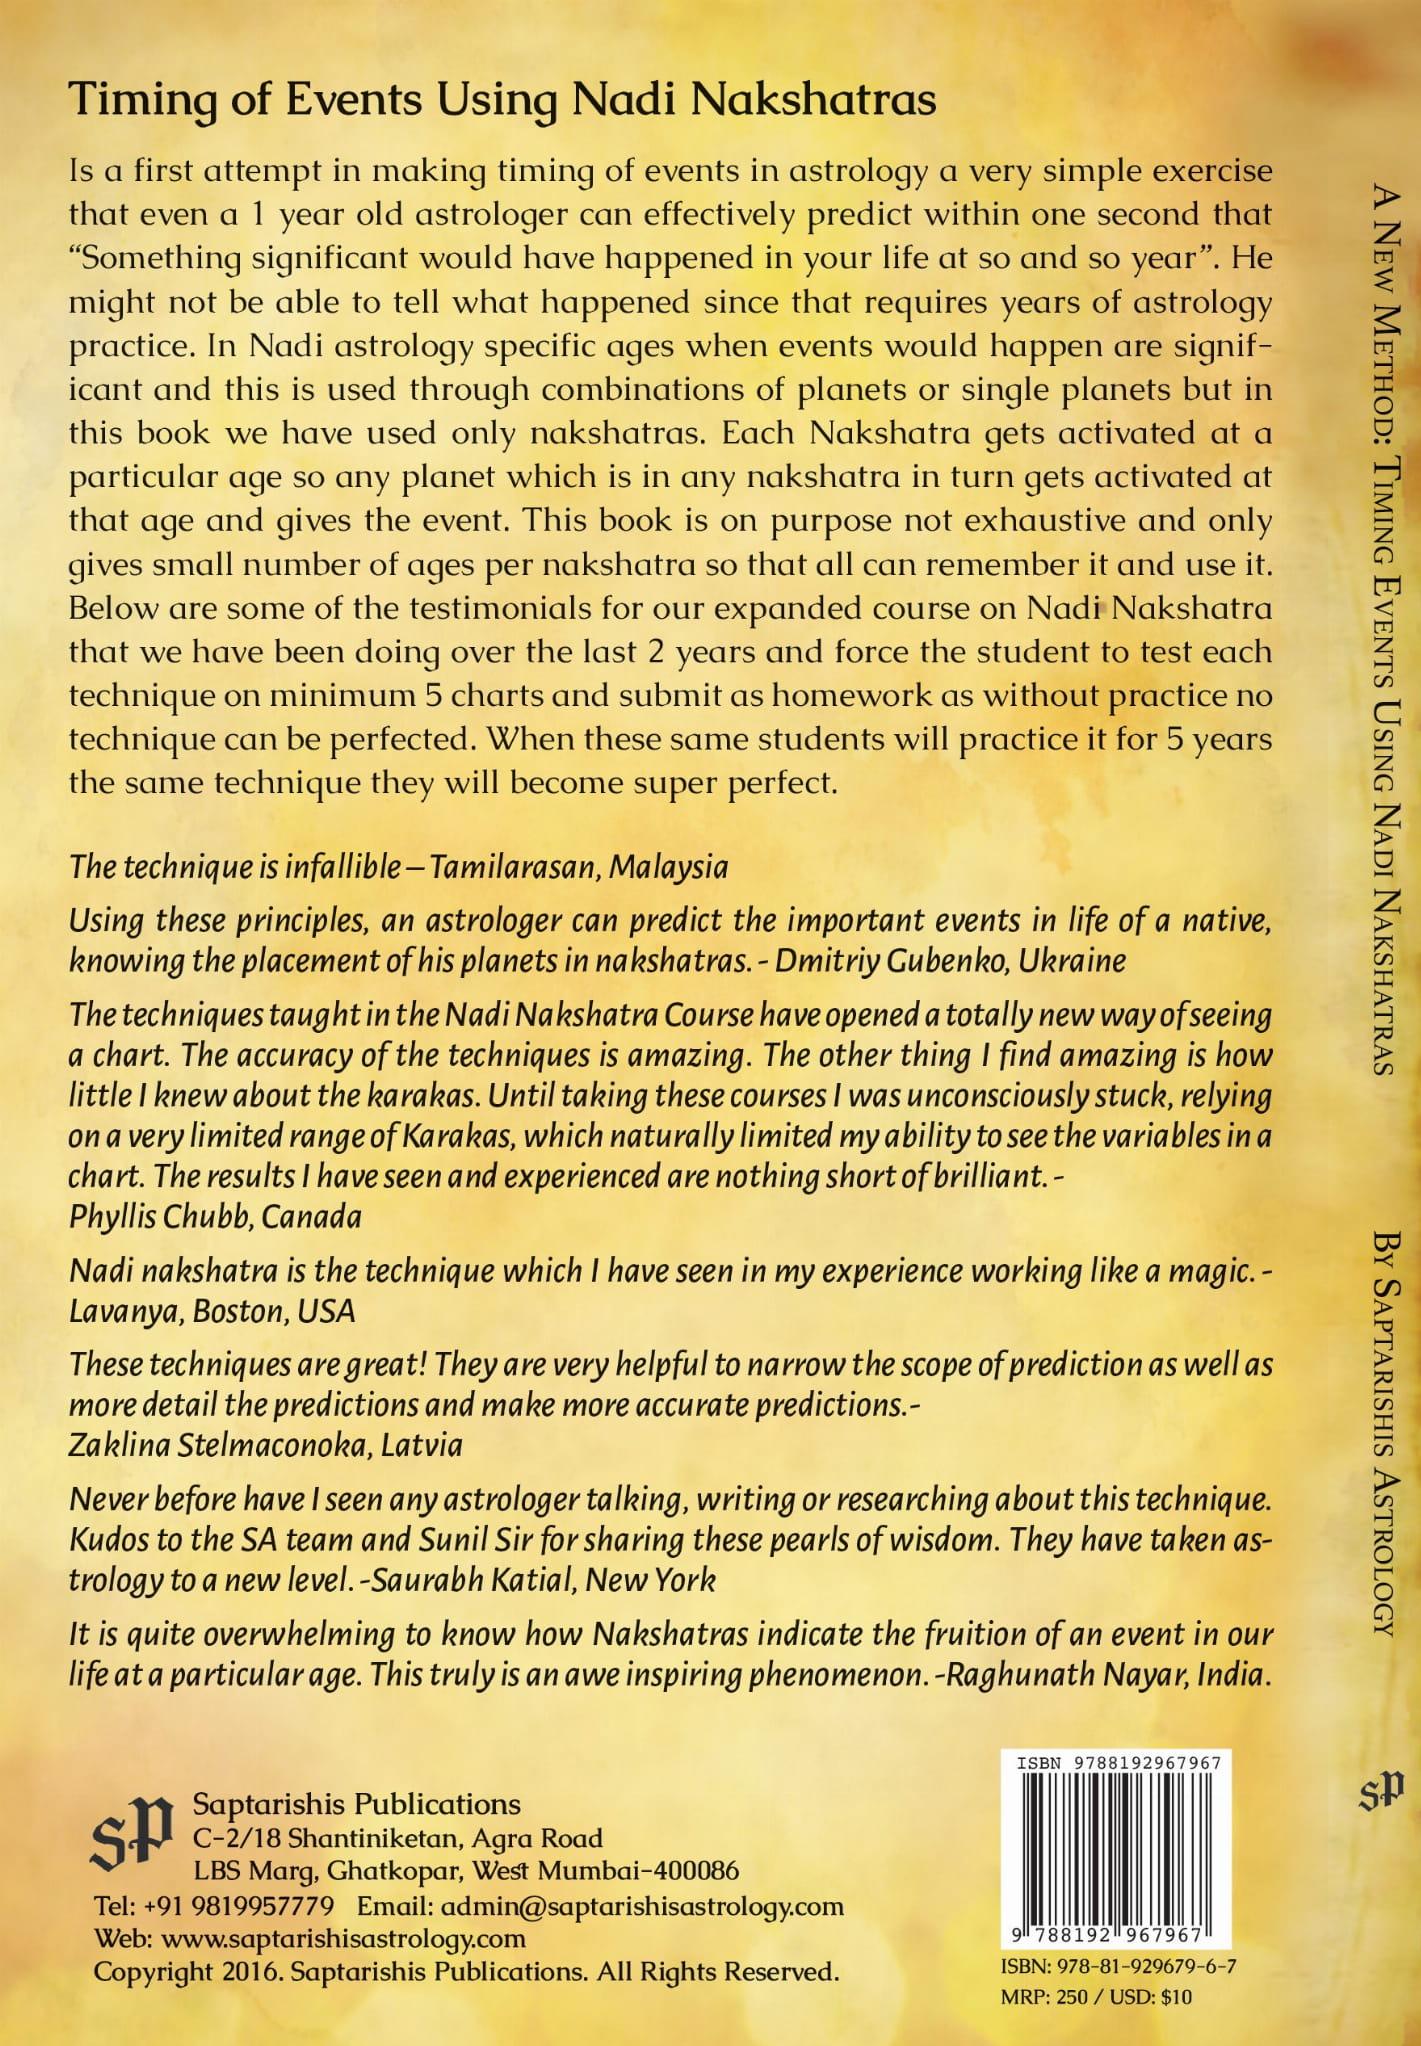 Timing Events Using Nadi Nakshatras By Saptarishis Astrology [SA]